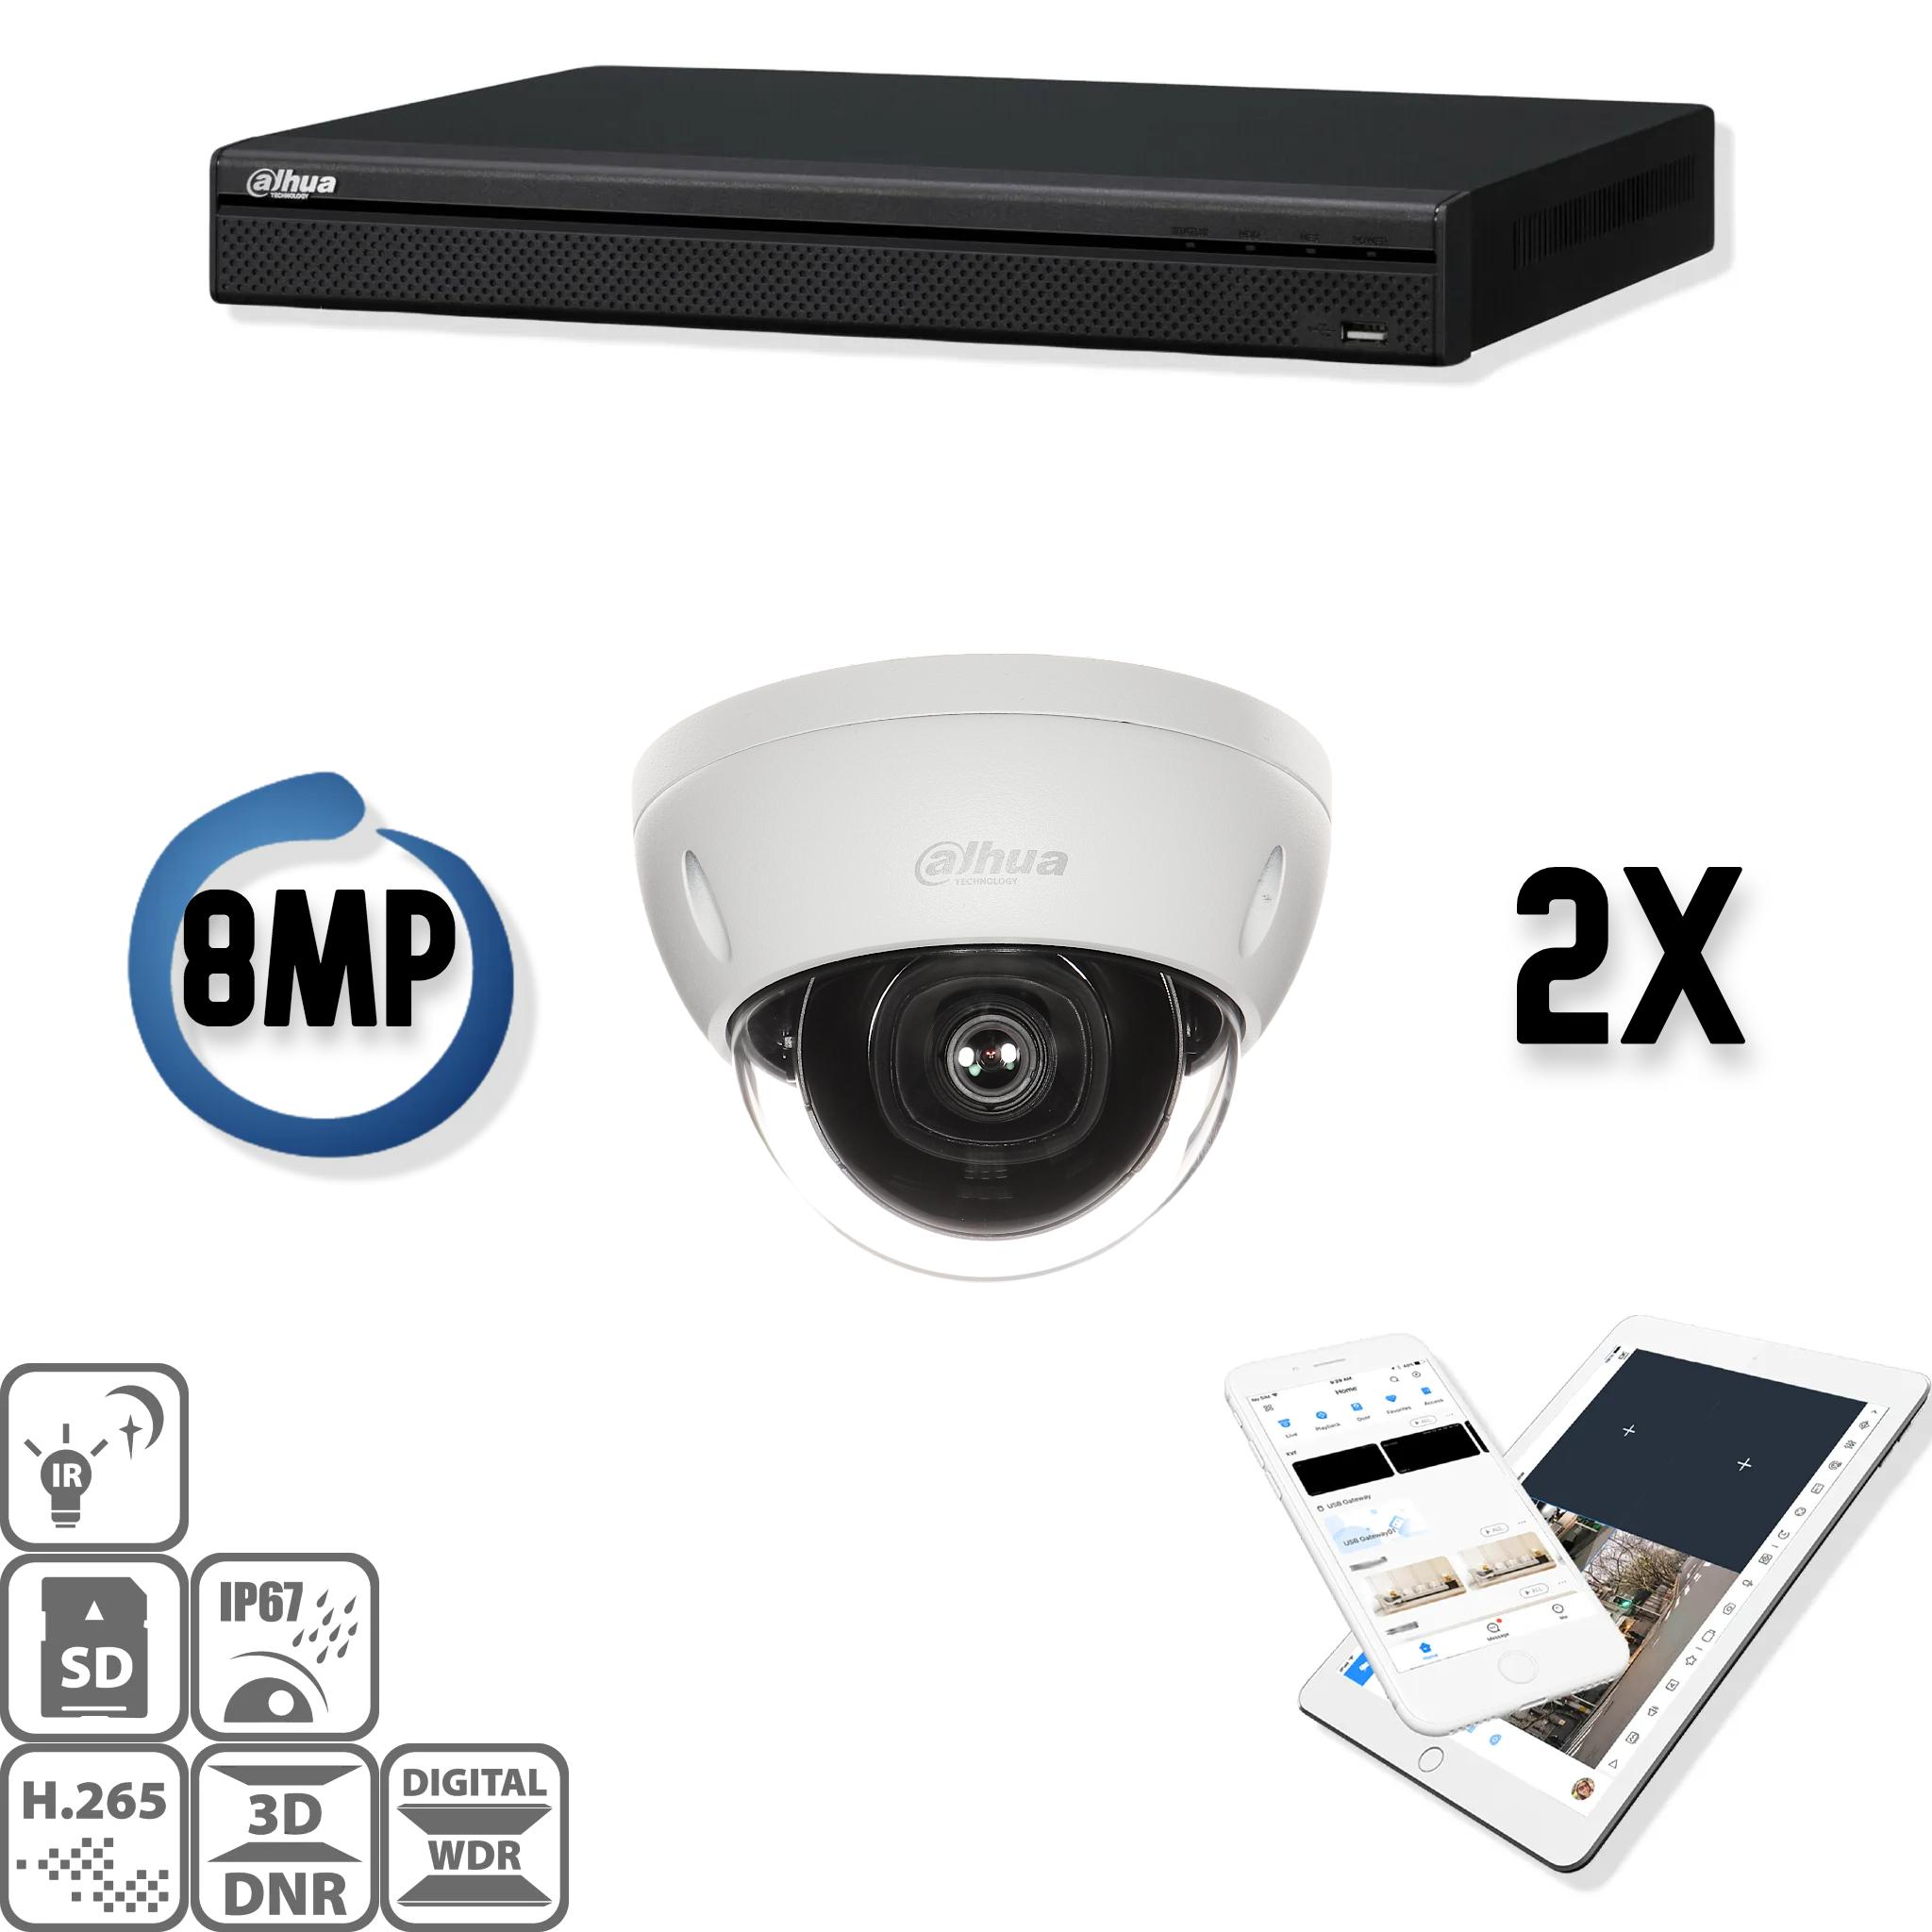 Das IP-Kit 2x Dome 8mp Ultra HD-Kamerasicherheitsset enthält 2 IP-Kameras, die für den Außenbereich geeignet sind. Die Kameras bieten Ultra HD-Bildqualität mit IR-LEDs für eine perfekte Sicht bei Dunkelheit. Dieses Ultra HD IP-Kameraset bietet eine gestoc